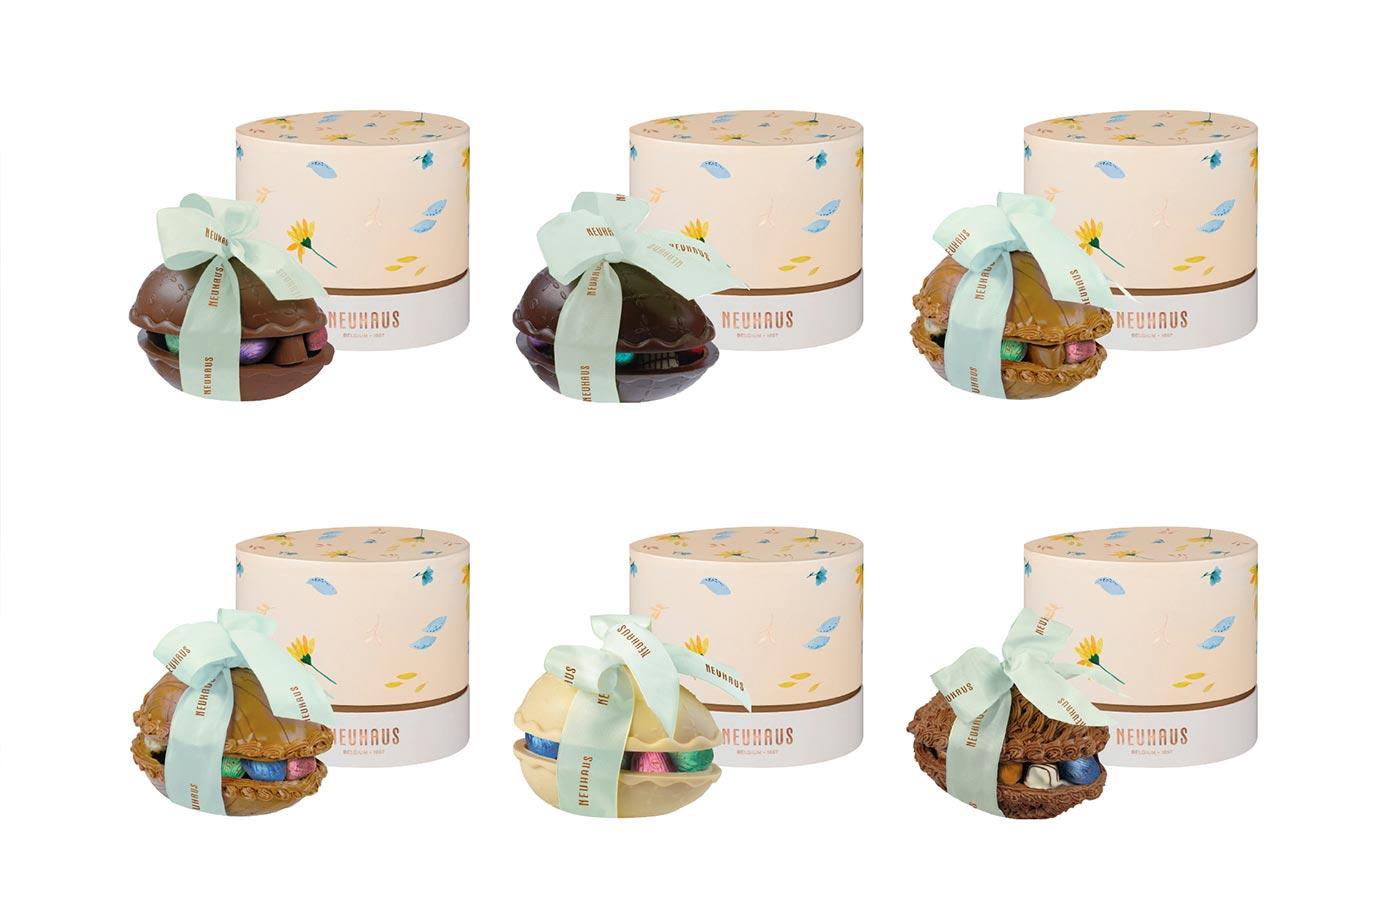 emballage cadeau rose pour gros oeufs de Pâques de Neuhaus, collection printemps